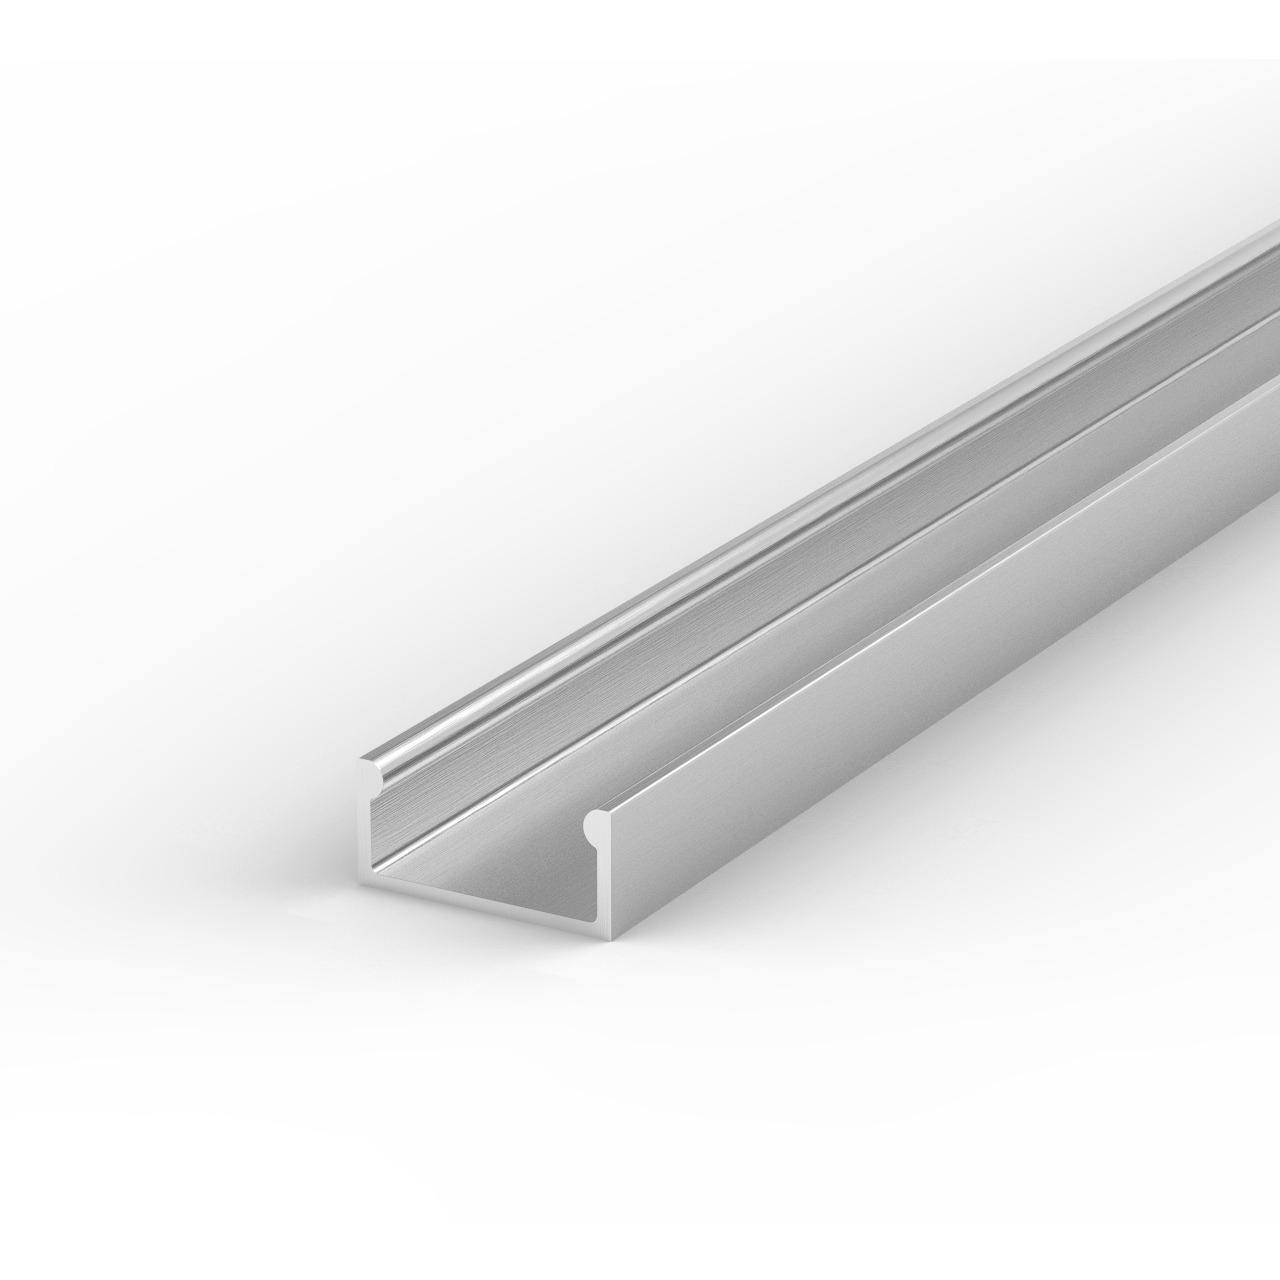 1-m-Aluminiumprofil P4-1 für LED-Streifen- mit matter Abdeckung- inkl. Endkappen